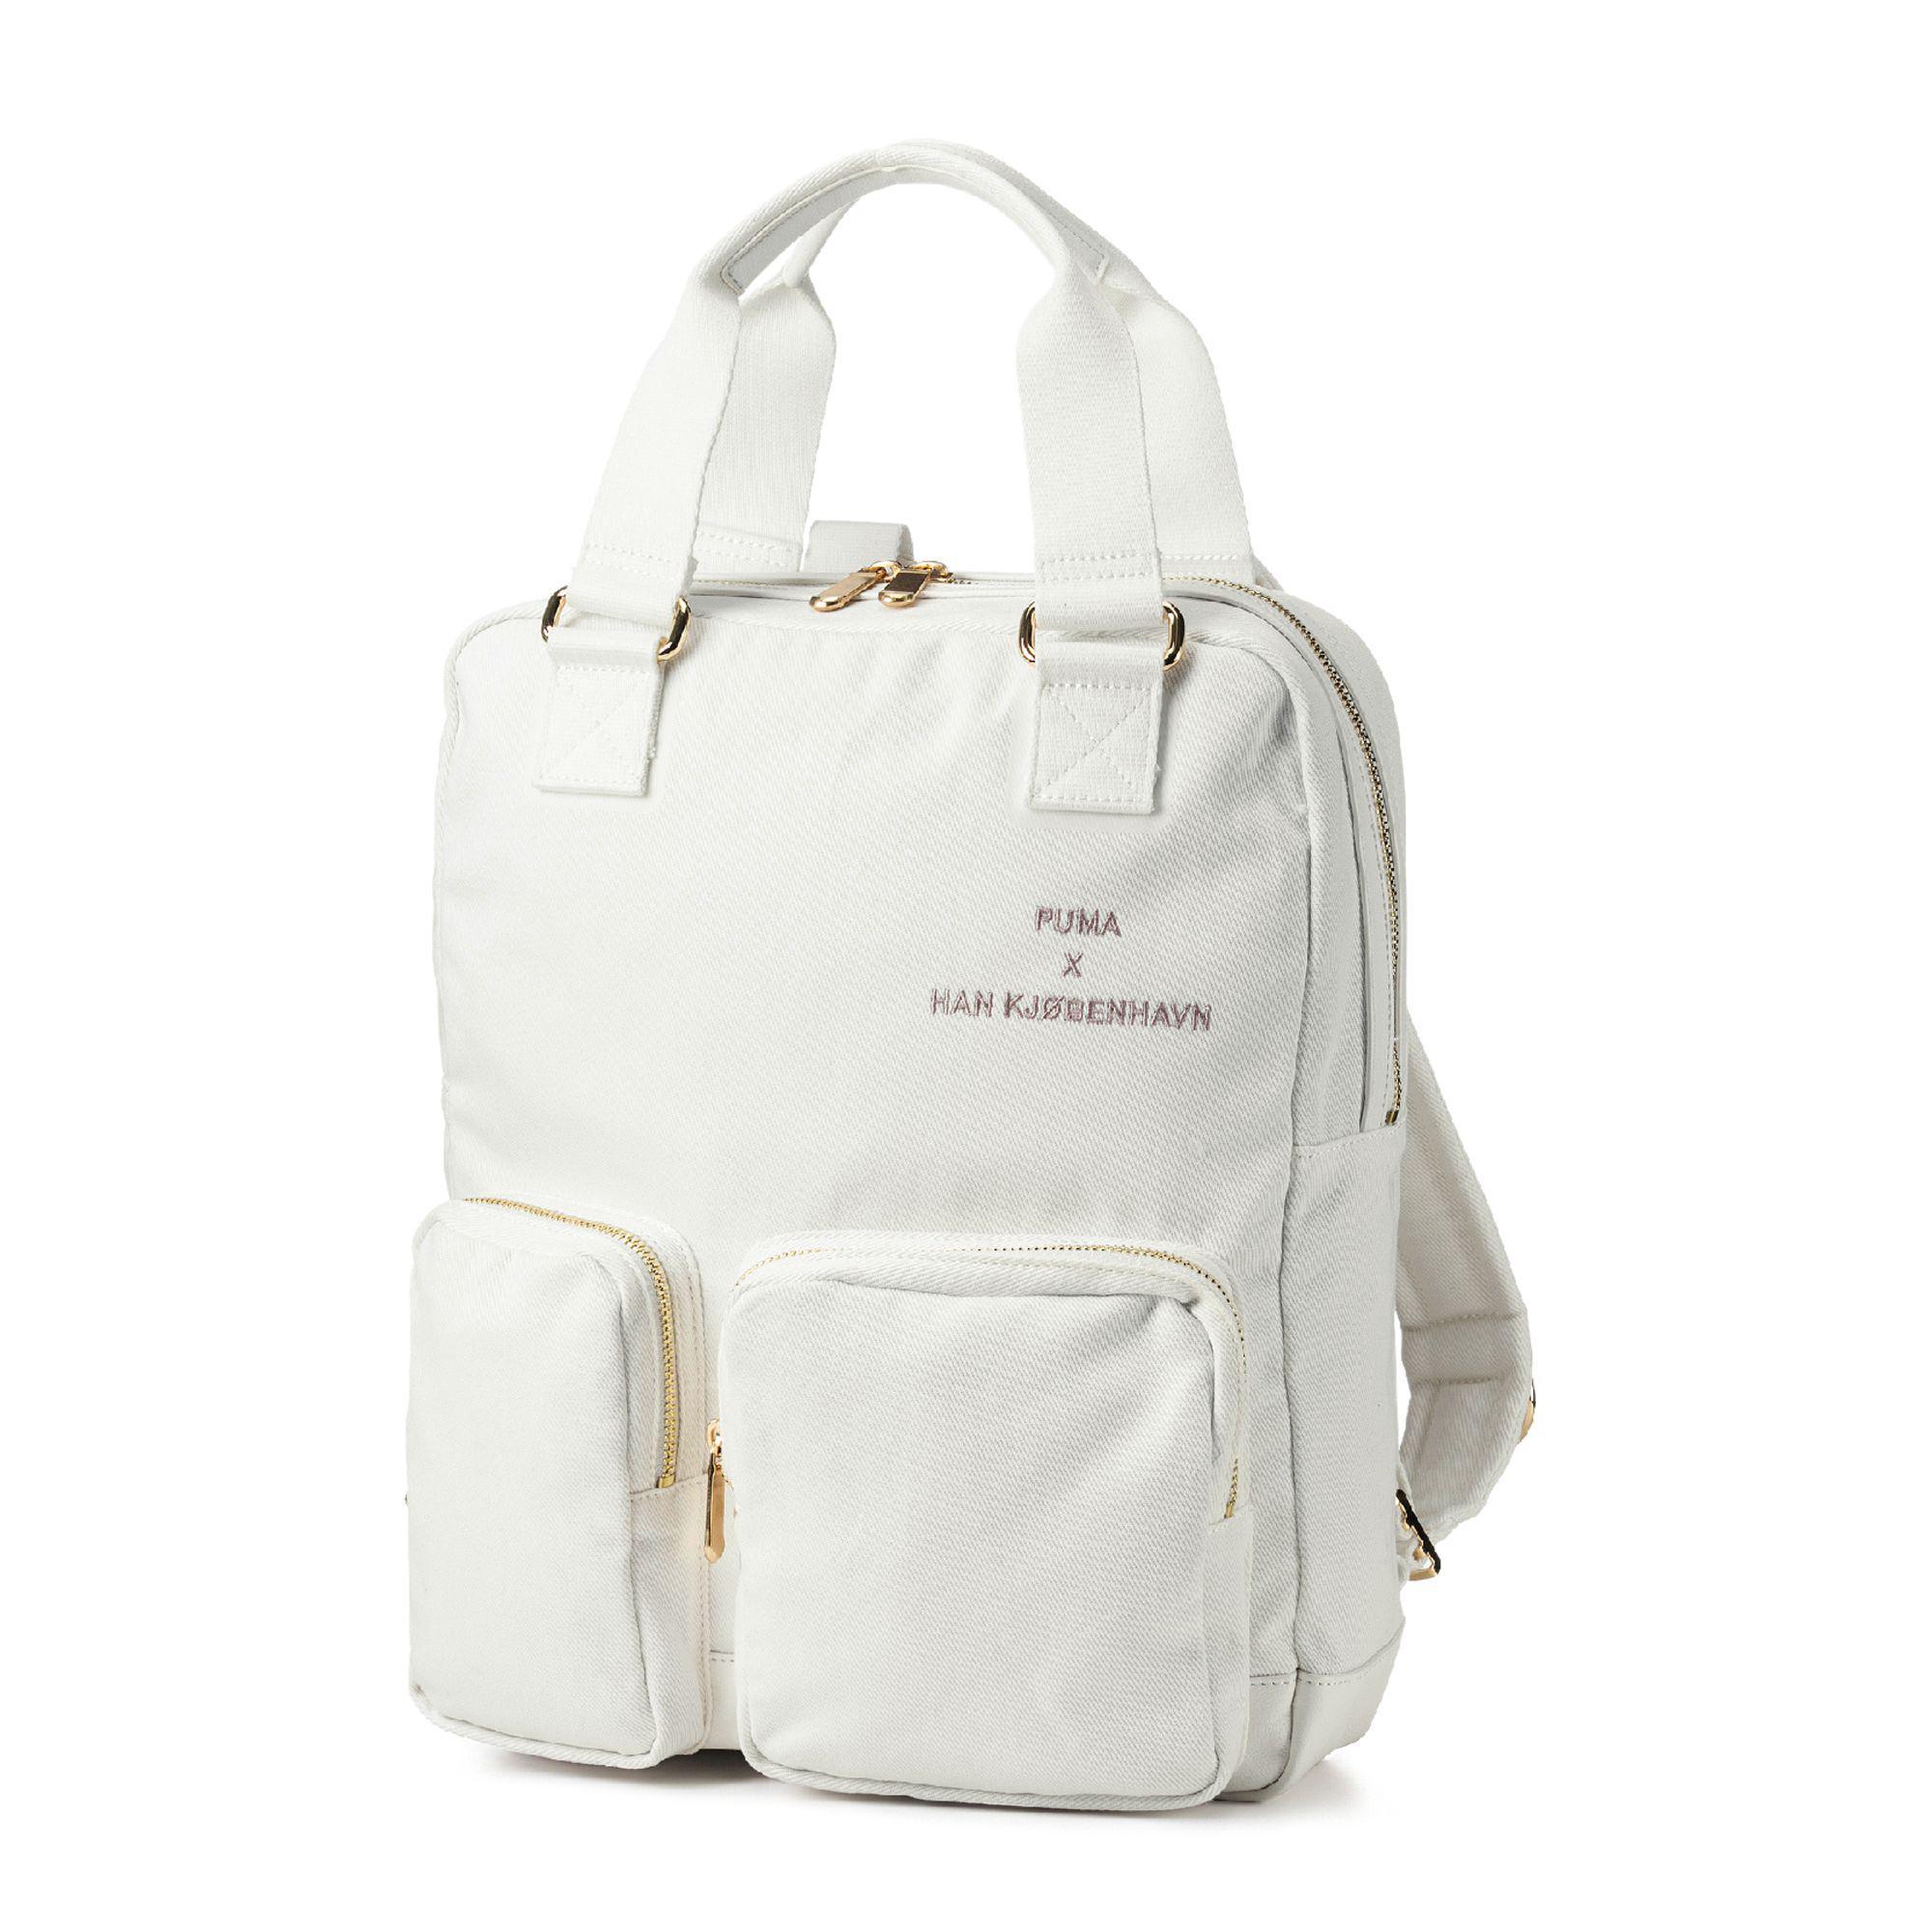 lyst puma x han kj248benhavn backpack in white for men